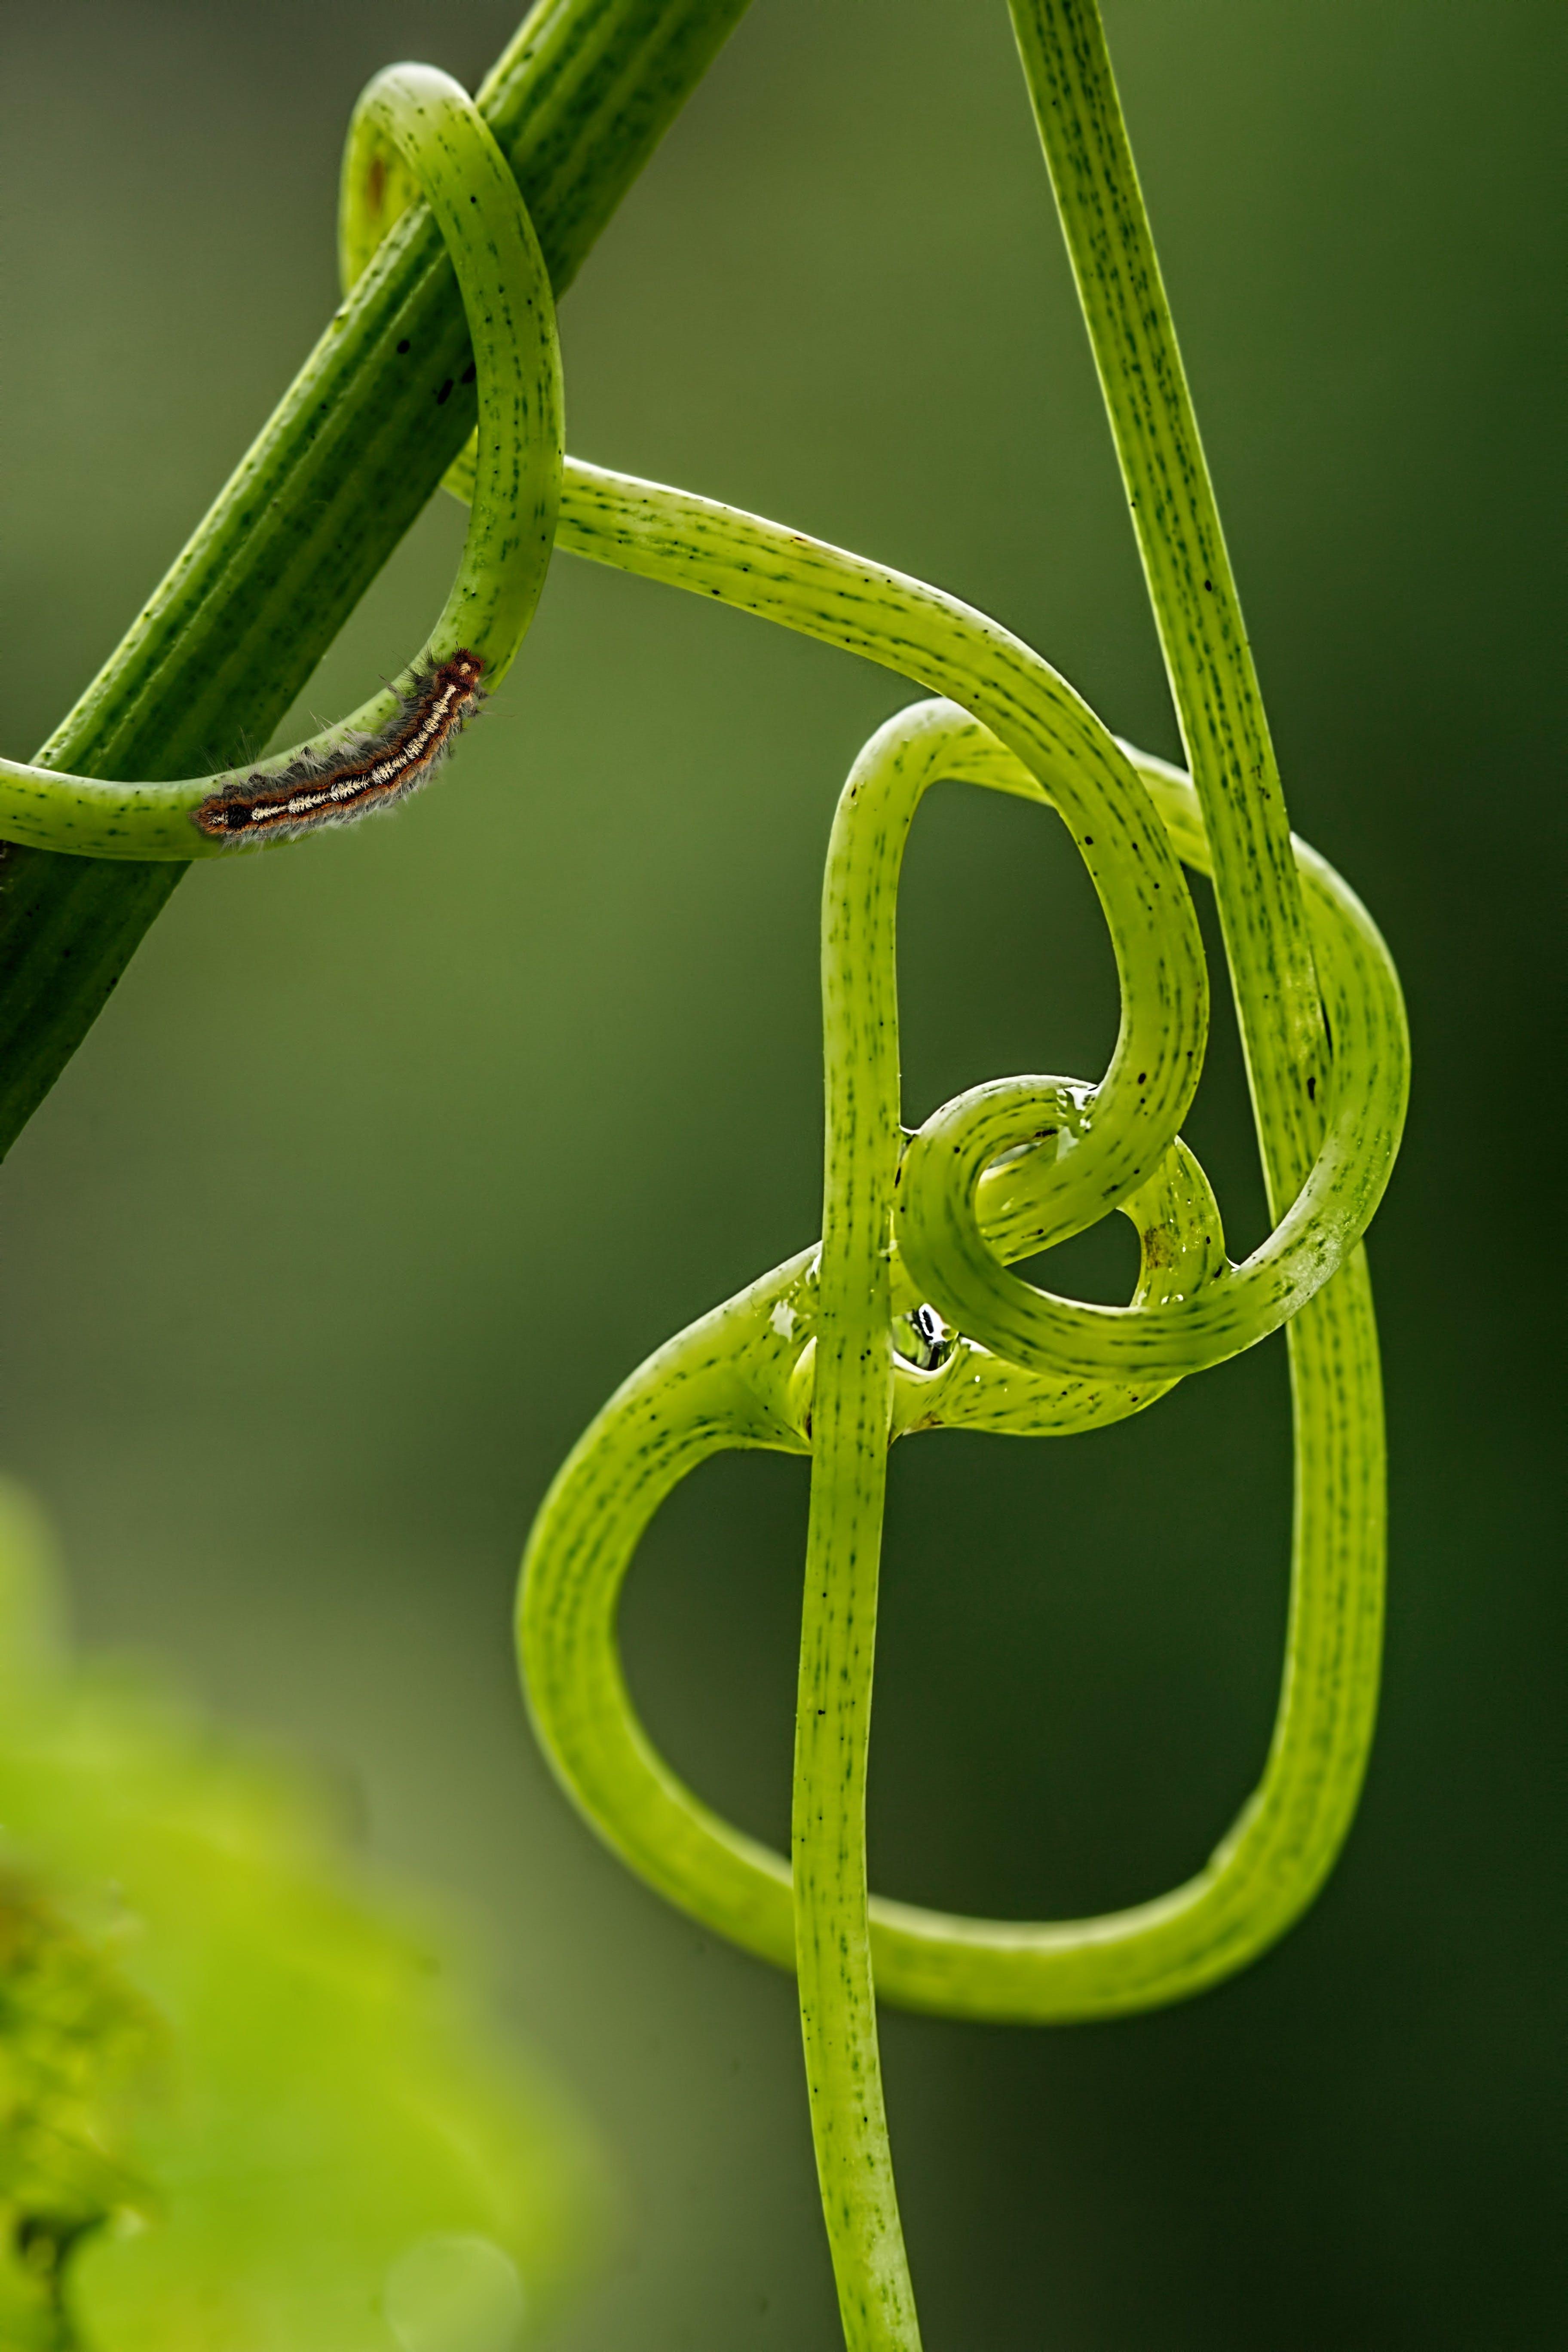 Kostenloses Stock Foto zu gewirr, grün, insekt, nahansicht